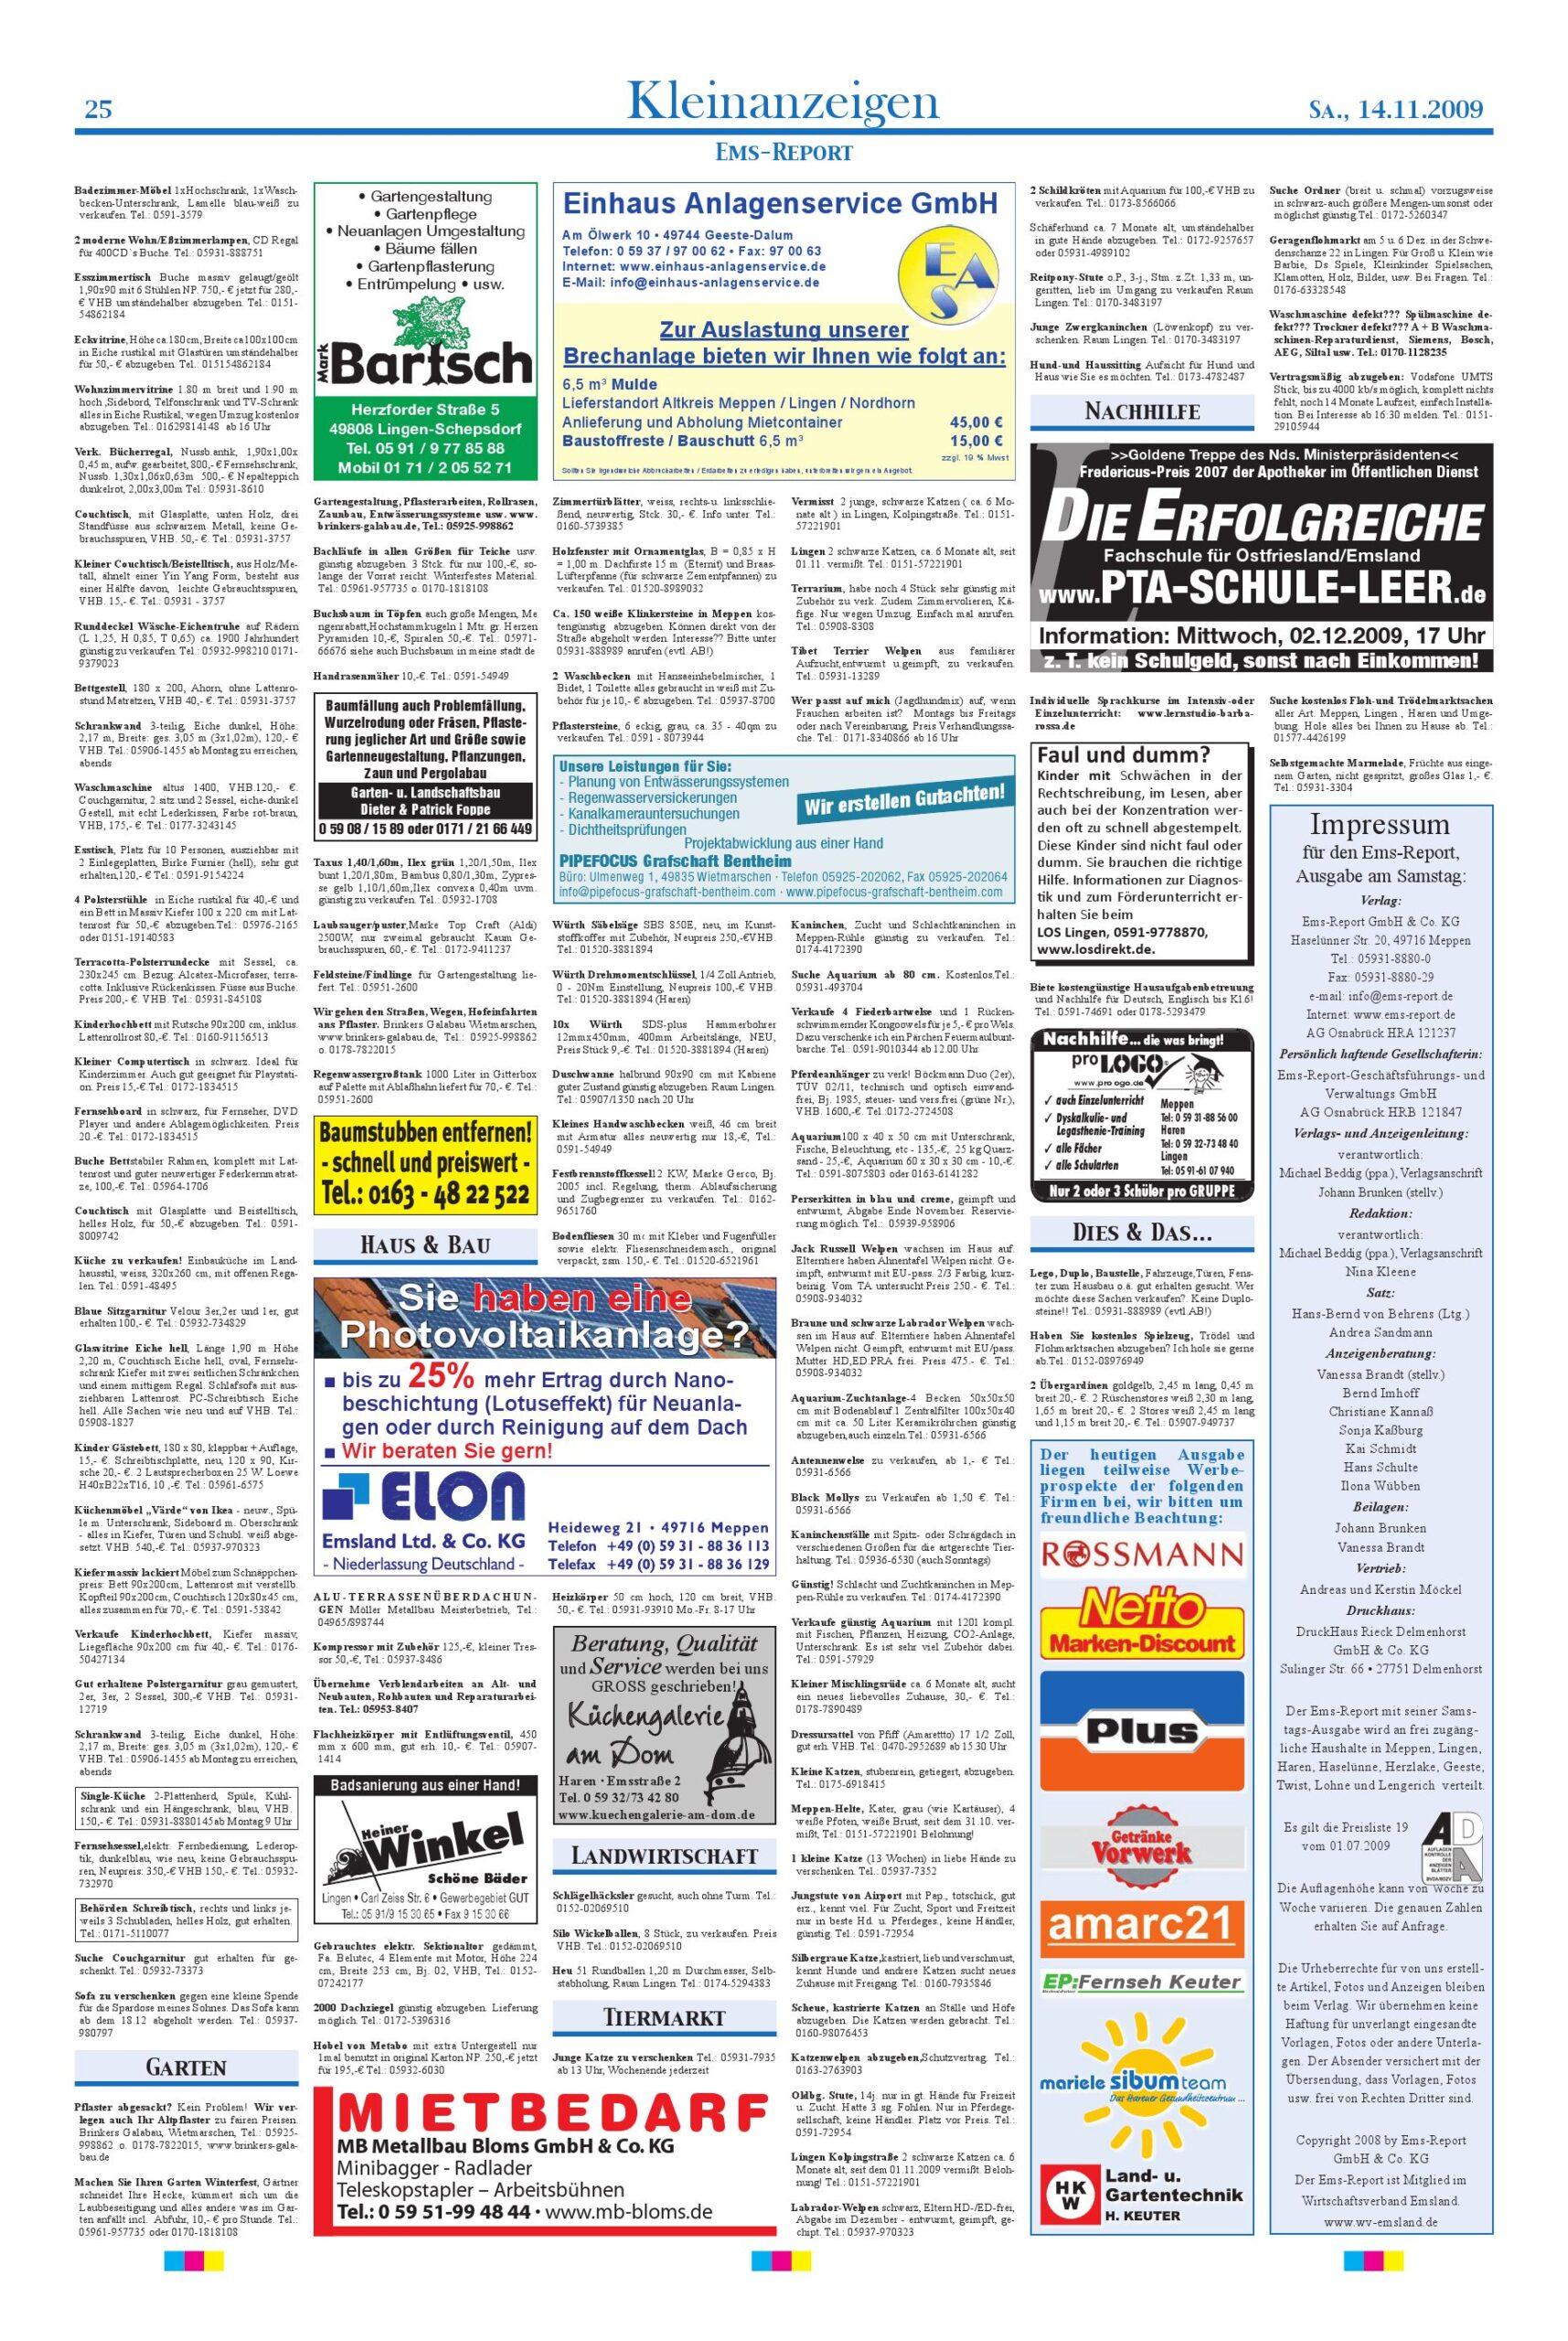 Full Size of Ems Report Ausgabe Online Kw 46 09 14112009 By Gmbh Betten Bei Ikea Modulküche Singleküche Mit Kühlschrank Küche Kaufen Kosten Sofa Schlaffunktion 160x200 Wohnzimmer Ikea Singleküche Värde